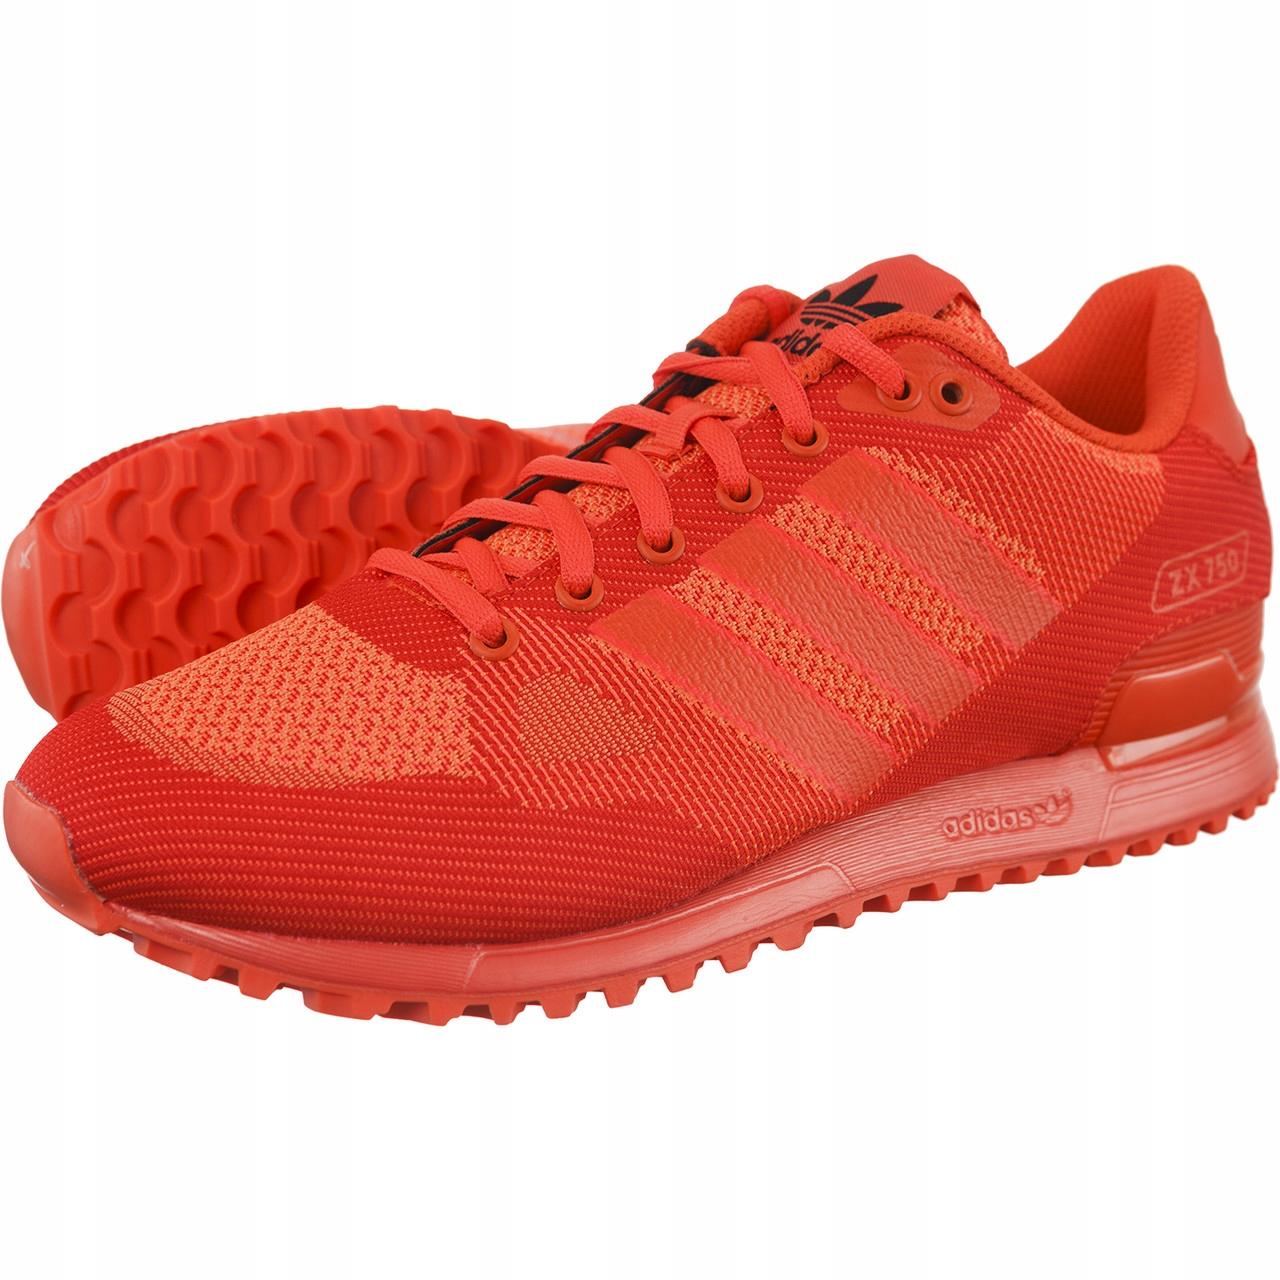 Adidas originals ZX 750 buty sneaker czerwone red adidasy trampki 39 13